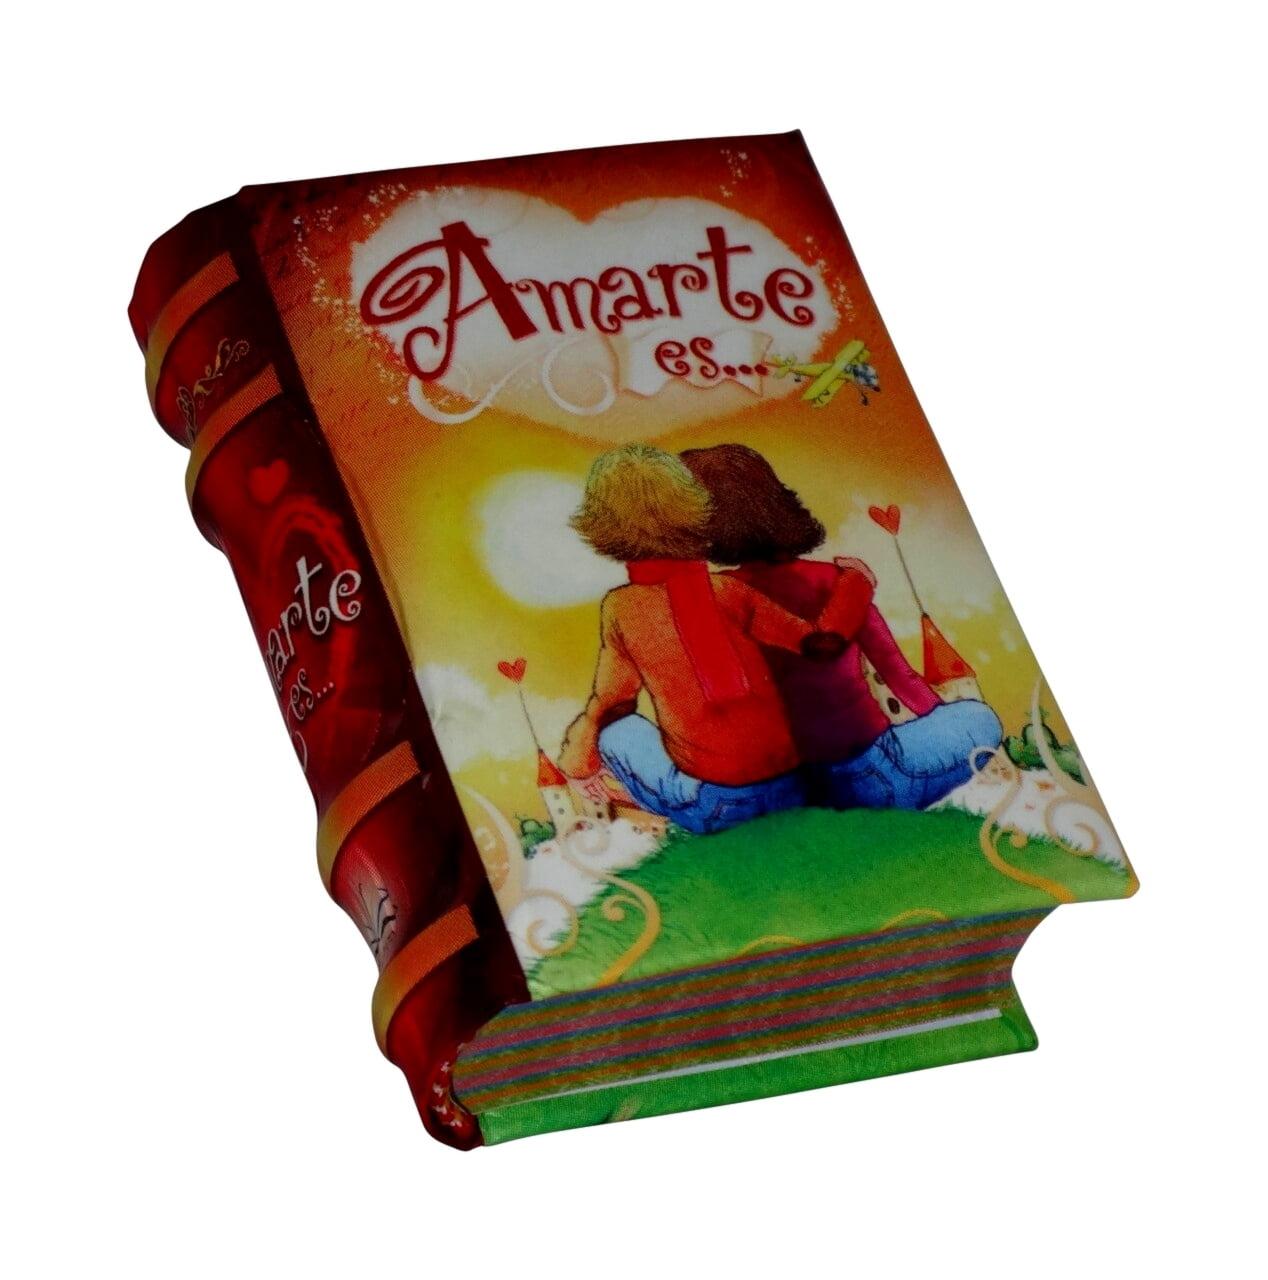 Amarte-es-miniature-book-libro